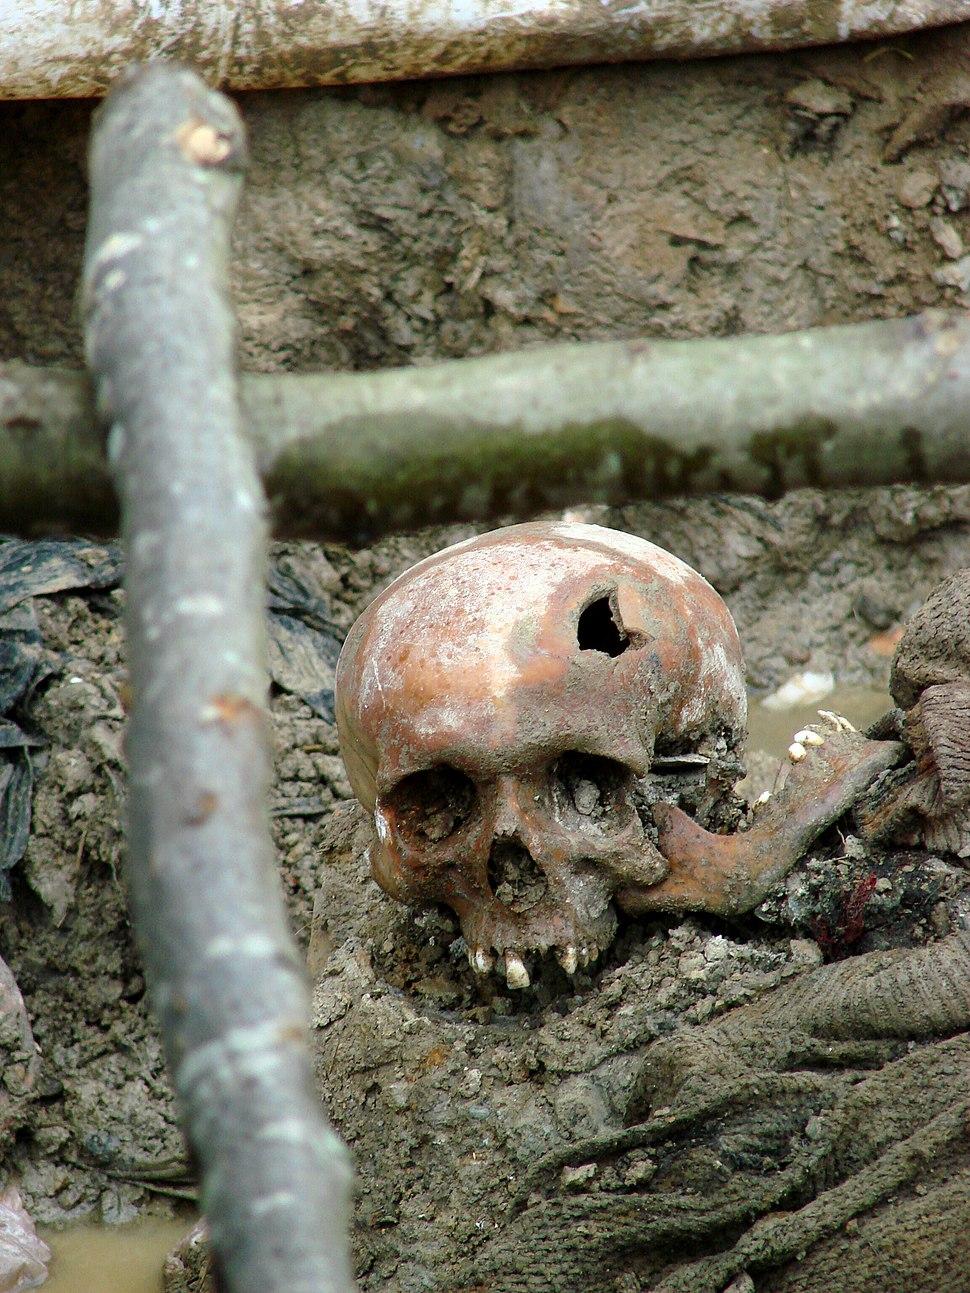 Srebrenica Massacre - Massacre Victim 2 - Potocari 2007